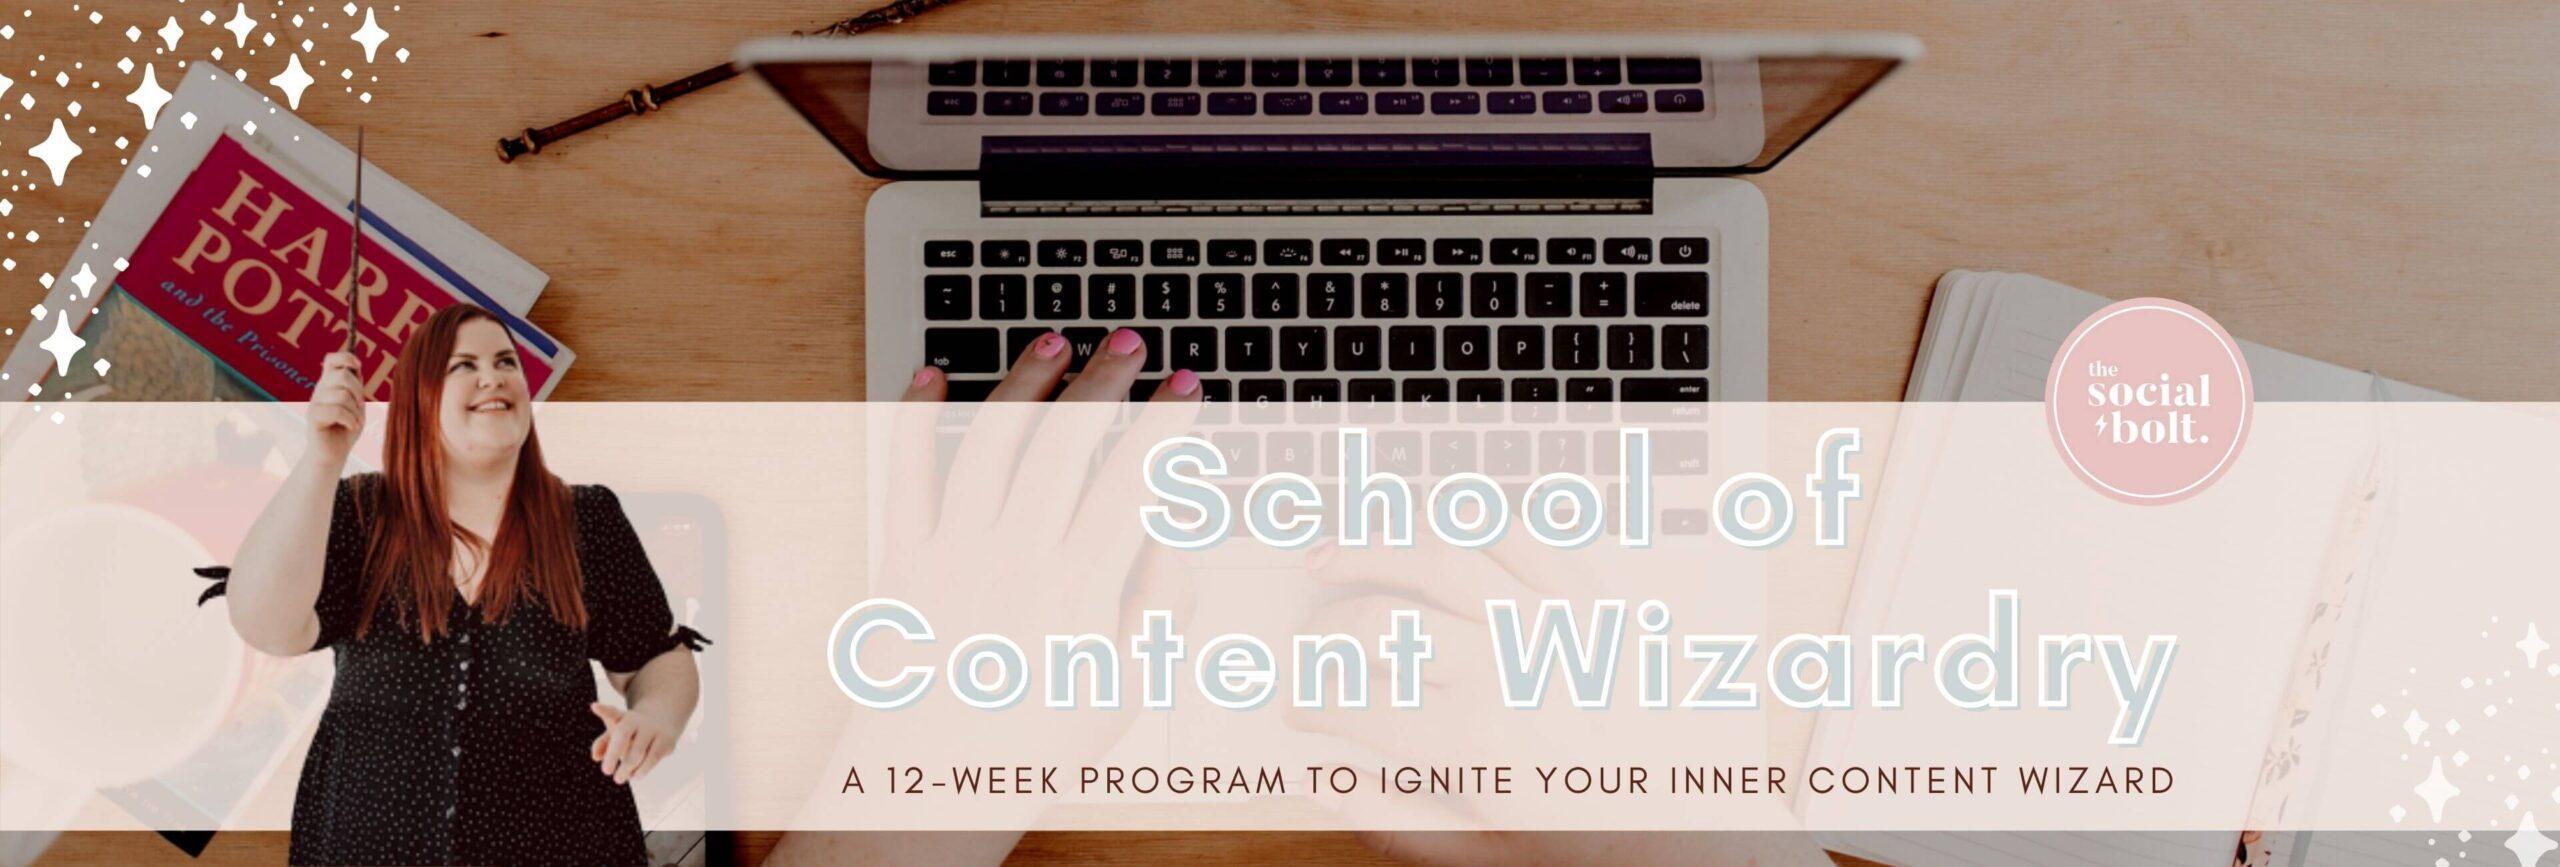 school-of-content-wizardry